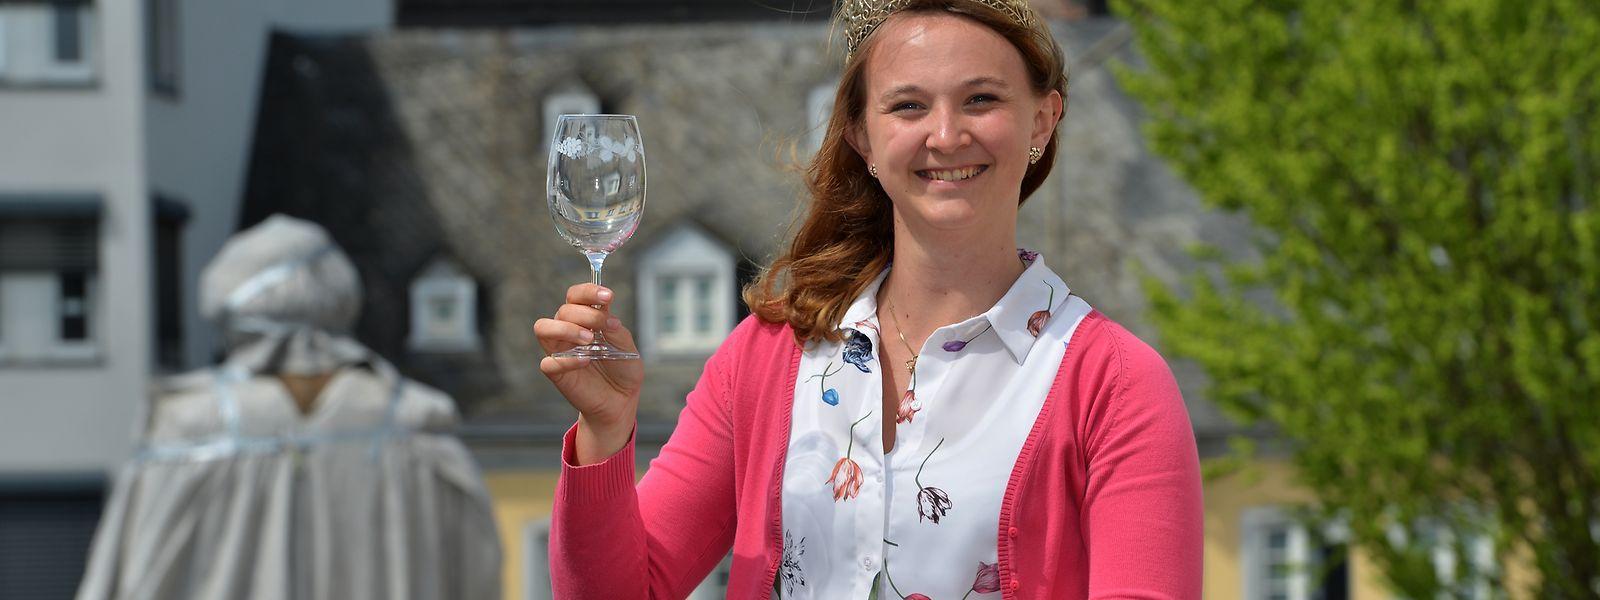 Bärbel Ellwanger, amtierende Weinkönigin von Trier, ist studierte Sinologin und hat je ein Jahr in der Volksrepublik China und in Taiwan gelebt.